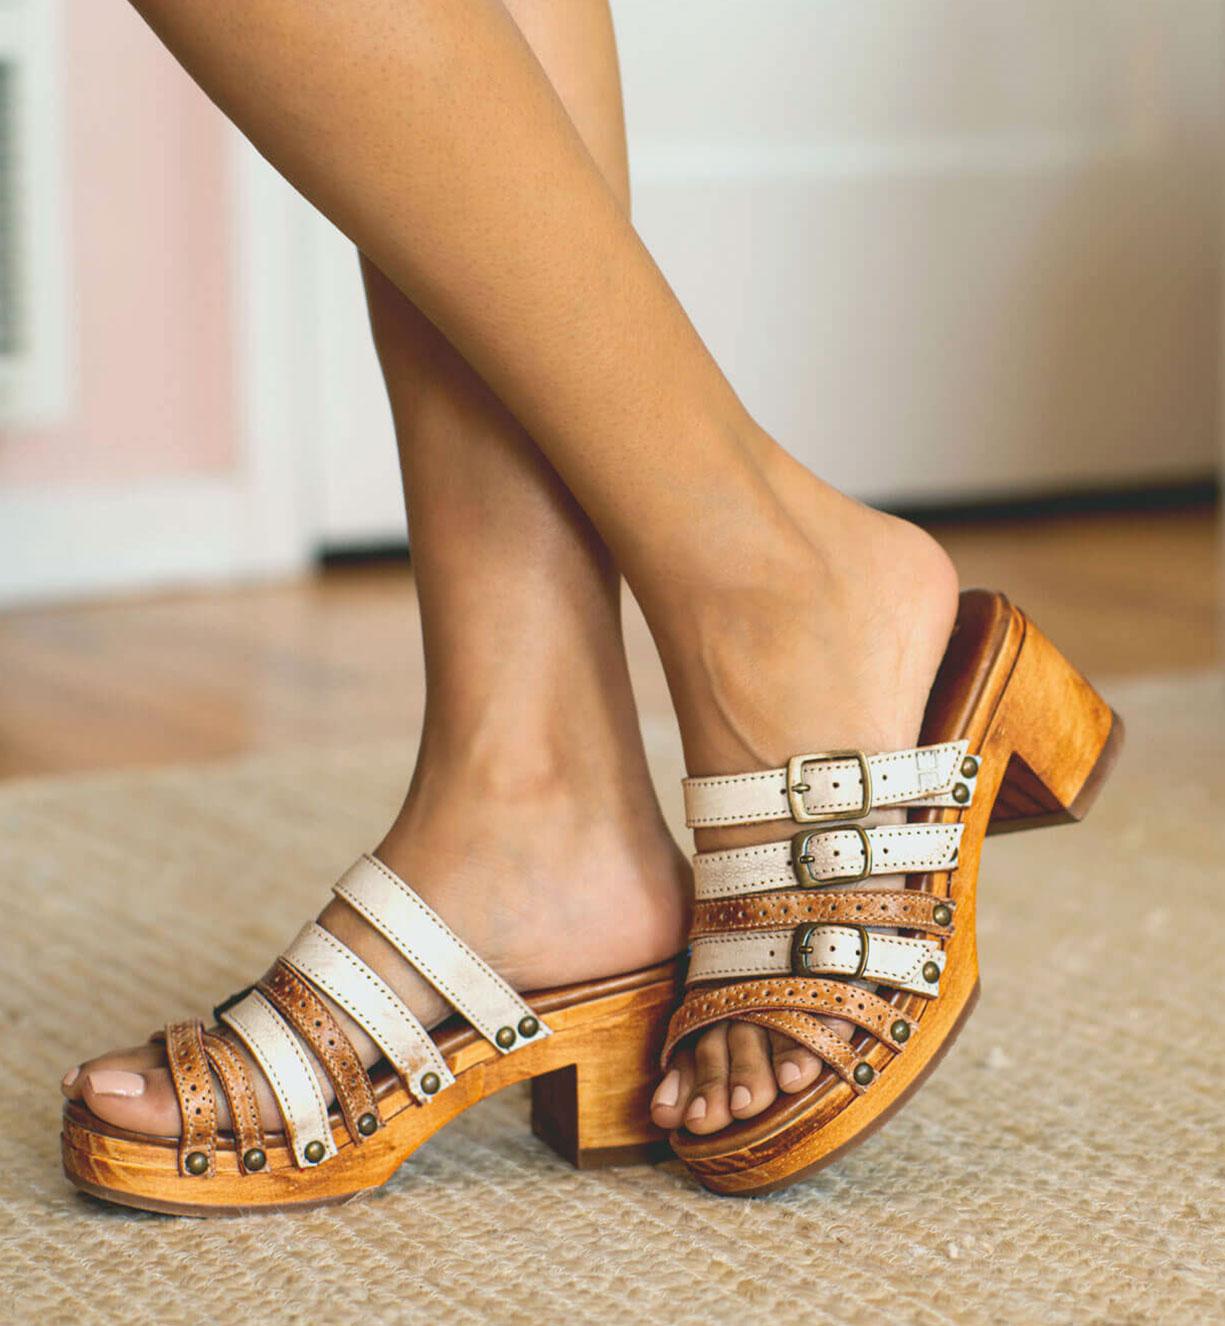 bedstu women's wooden platform sandals